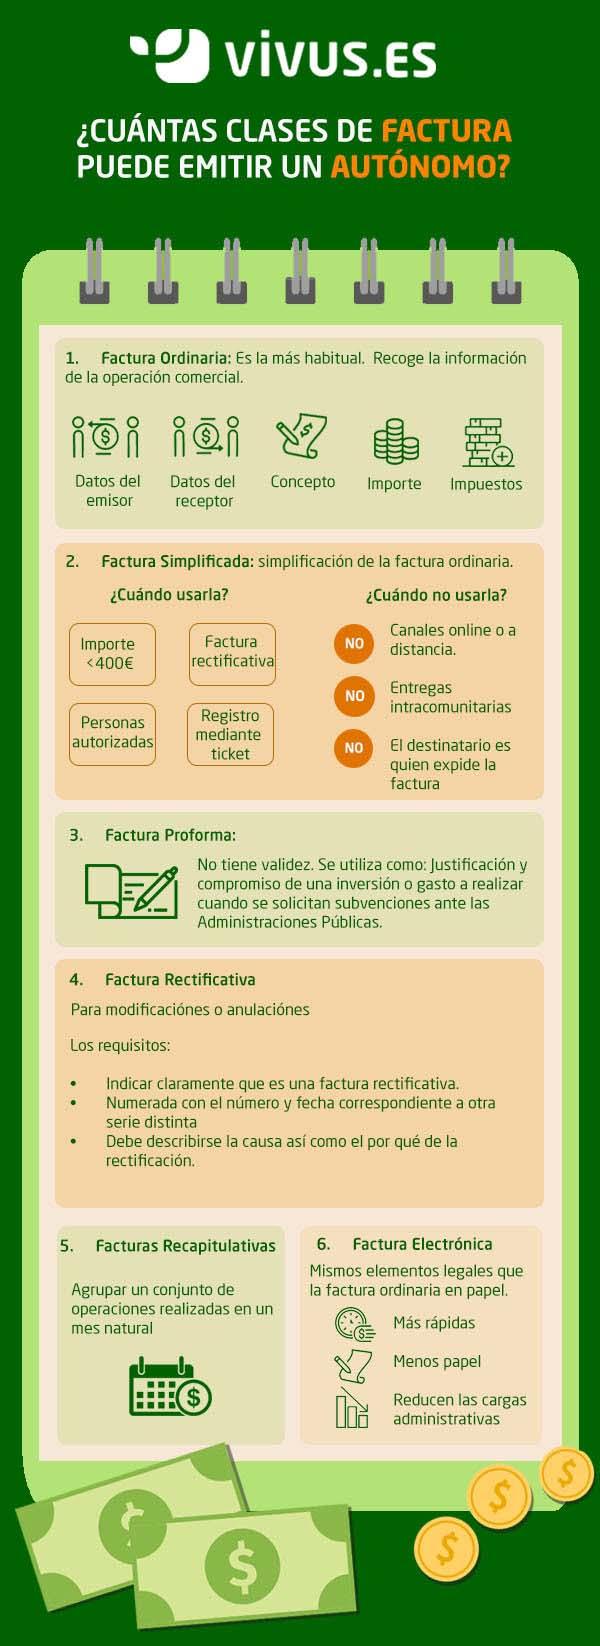 Infografía | Cuántas clases de facturas puede emitir un autónomo